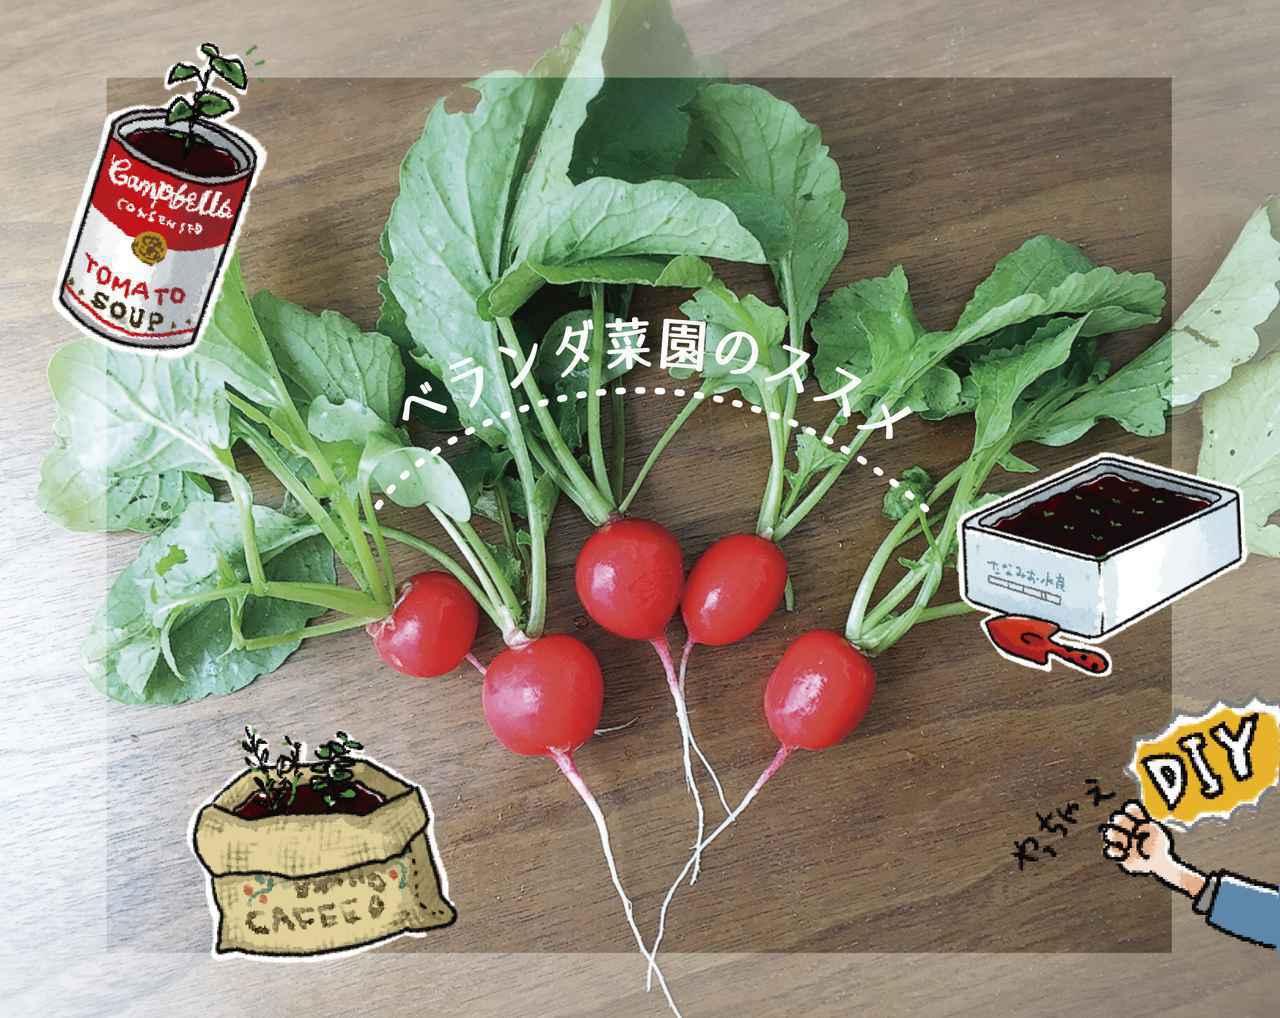 画像: 【ベランダ菜園】自作プランターで簡単にできる! おすすめ早採れ野菜やハーブも紹介 - ハピキャン(HAPPY CAMPER)